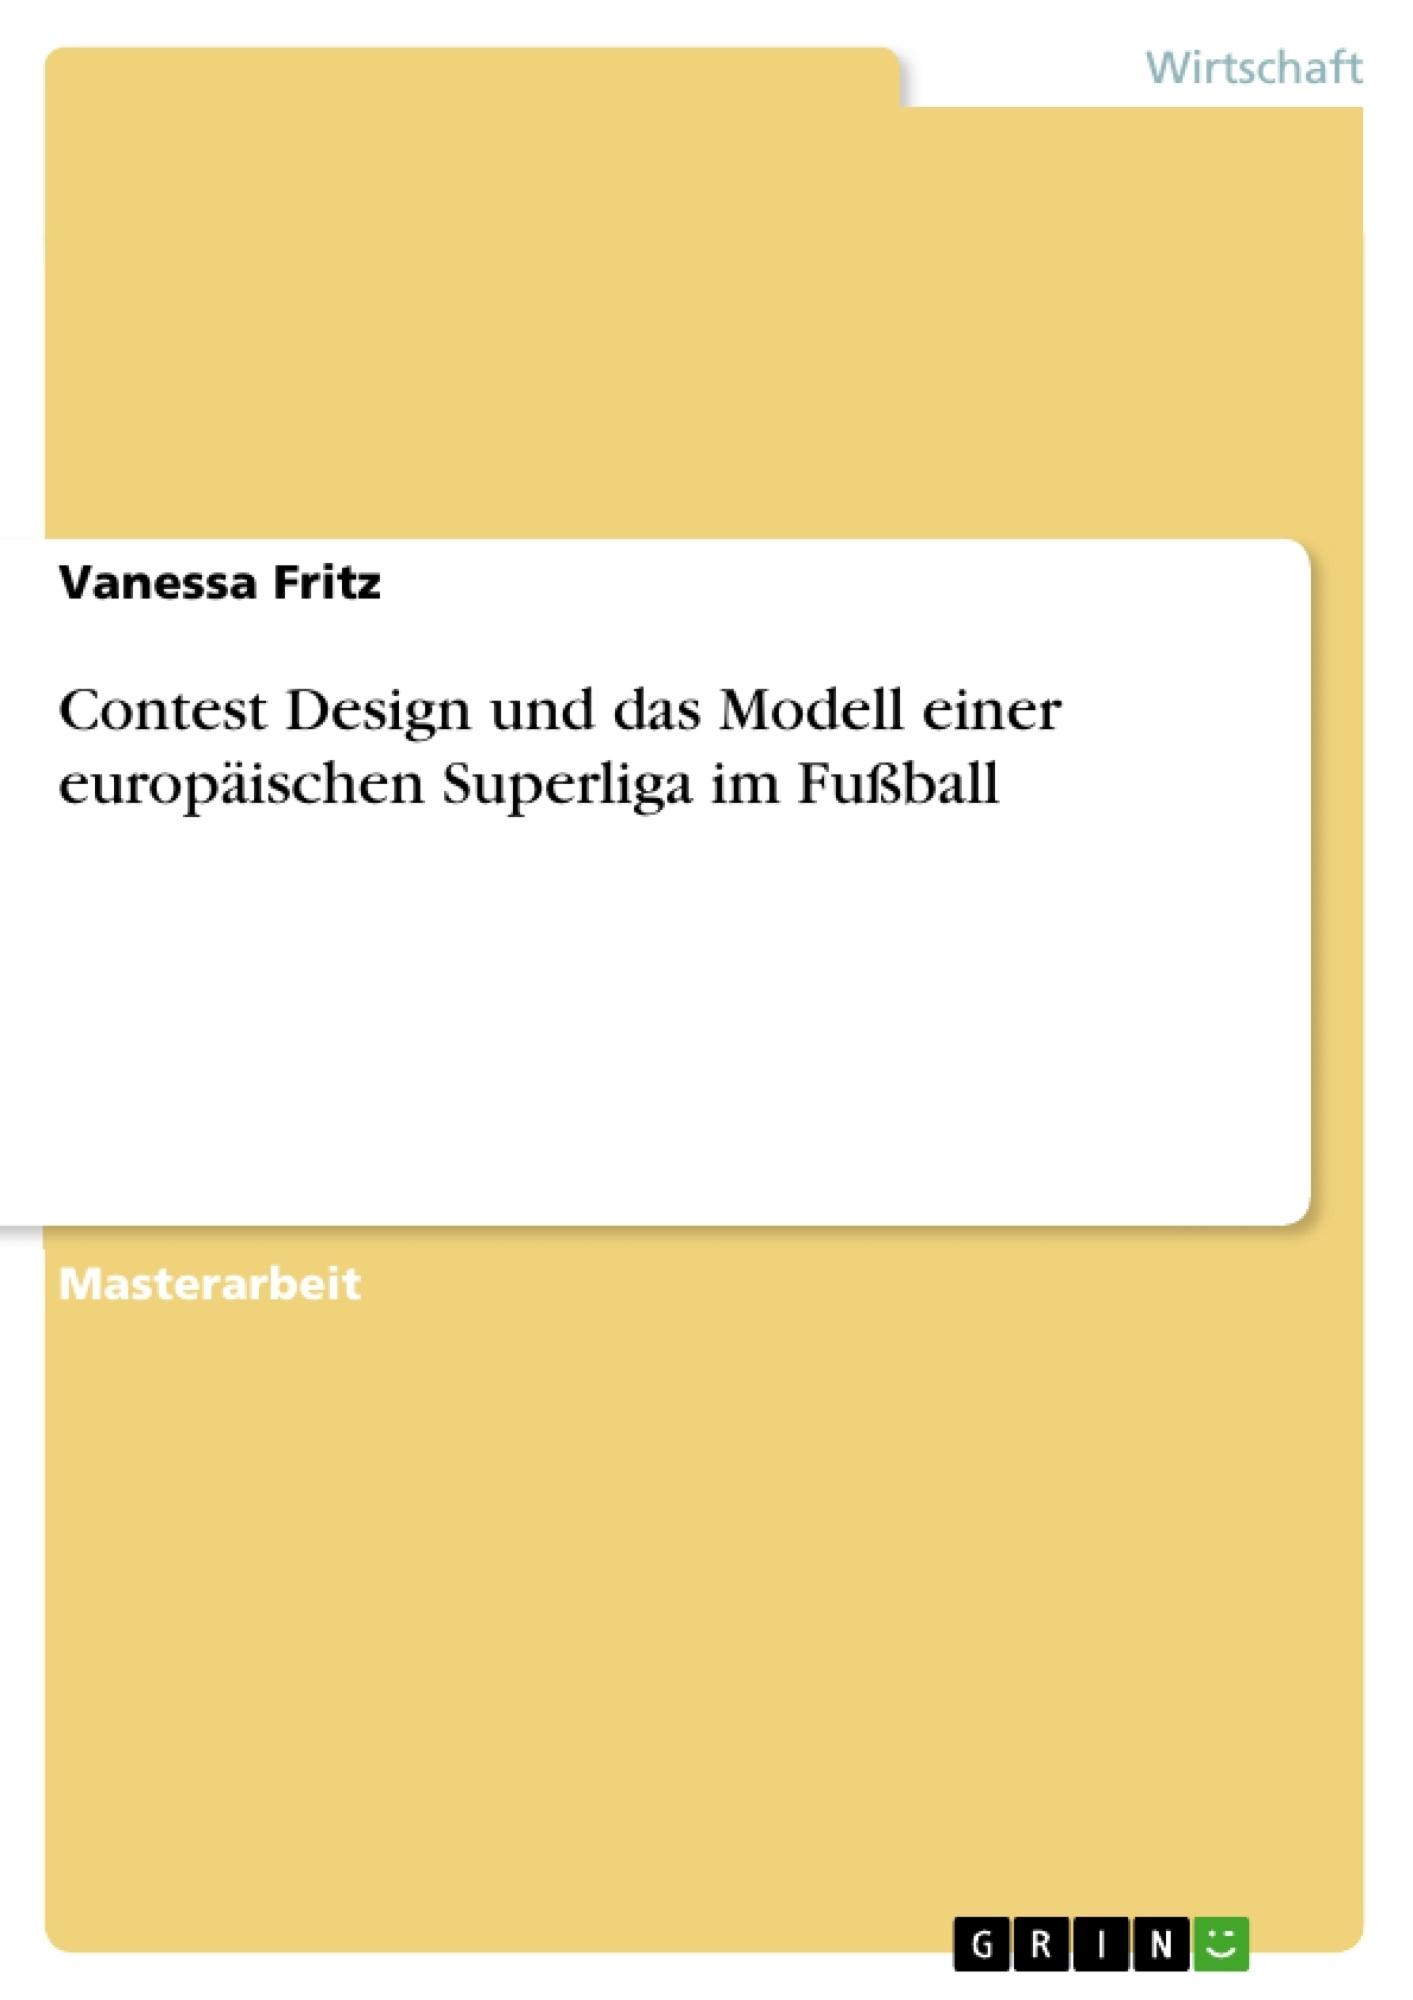 Titel: Contest Design und das Modell einer europäischen Superliga im Fußball